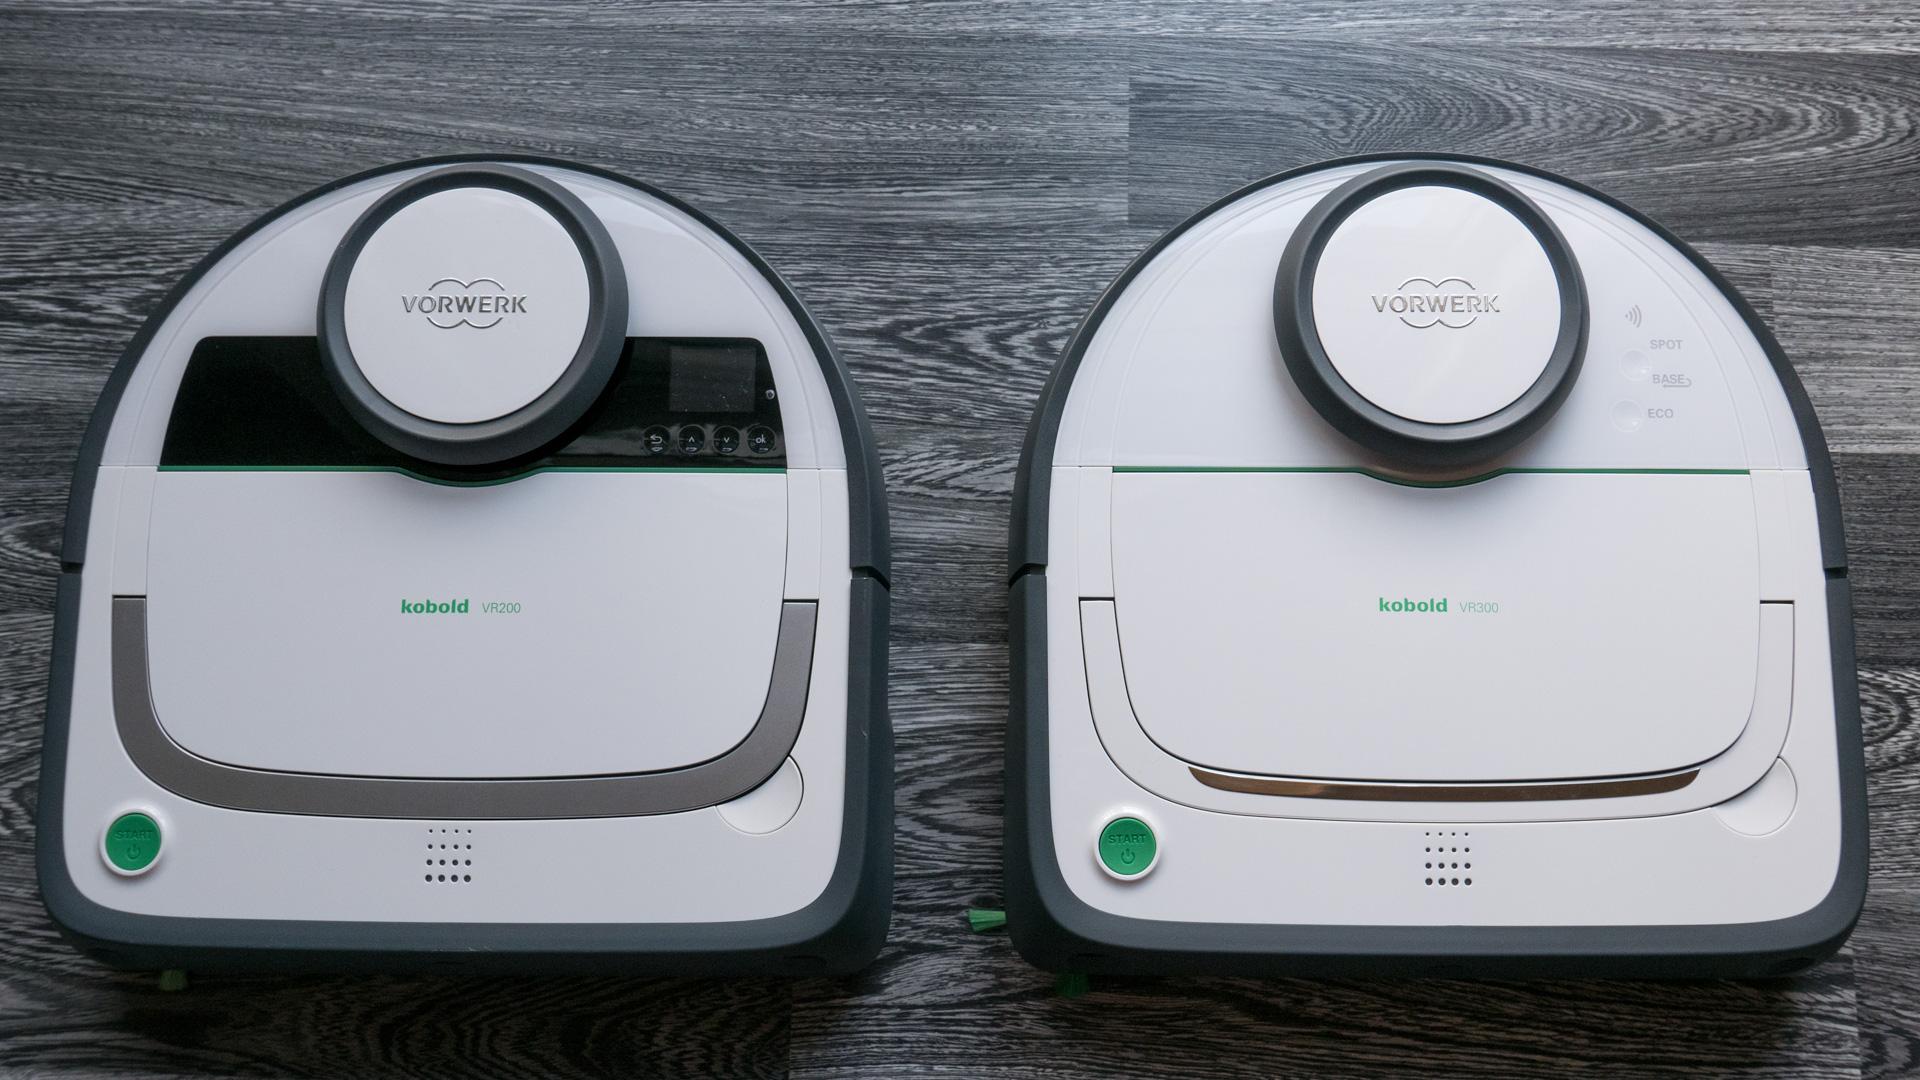 Vorwerk-VR200-VR300-Vergleich-1